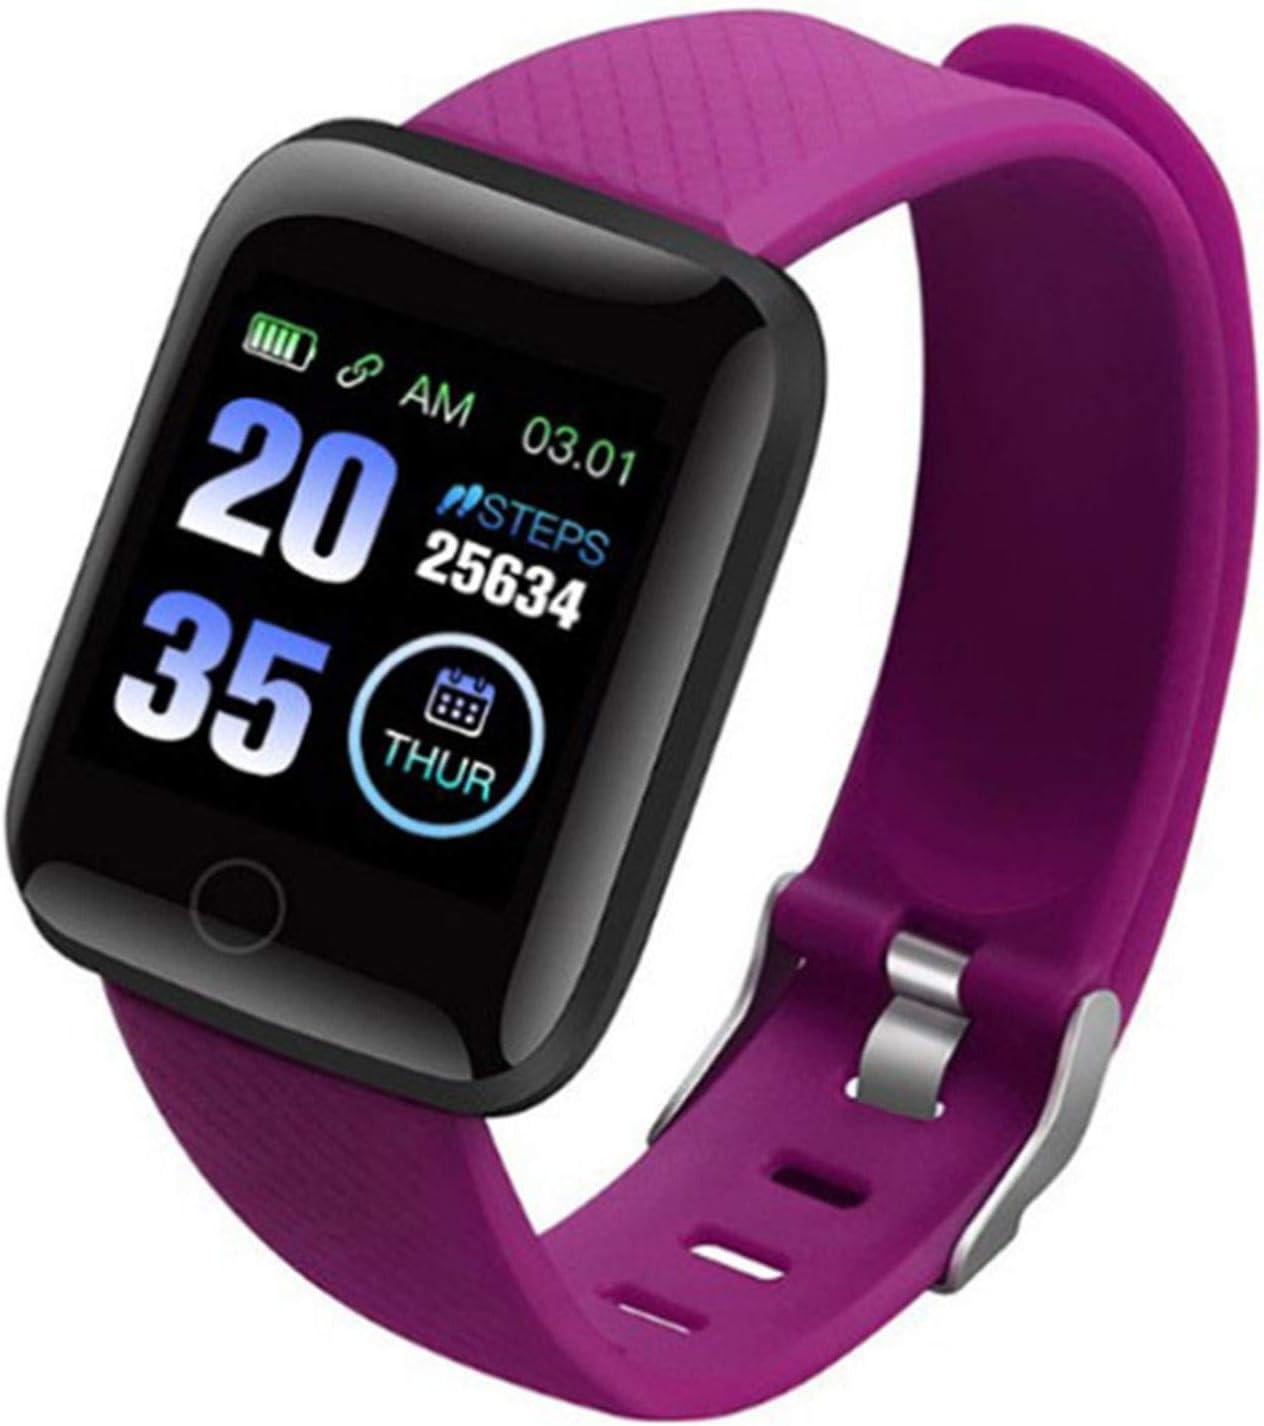 Wsaman Reloj de Pulsera Deportivo con Bluetooth, Monitor Rítmo Cardíaco y Sueño,con Pantalla de 1.3 Pulgadas, para Hombre Mujer Niño, Pulsera de Fitness,Púrpura